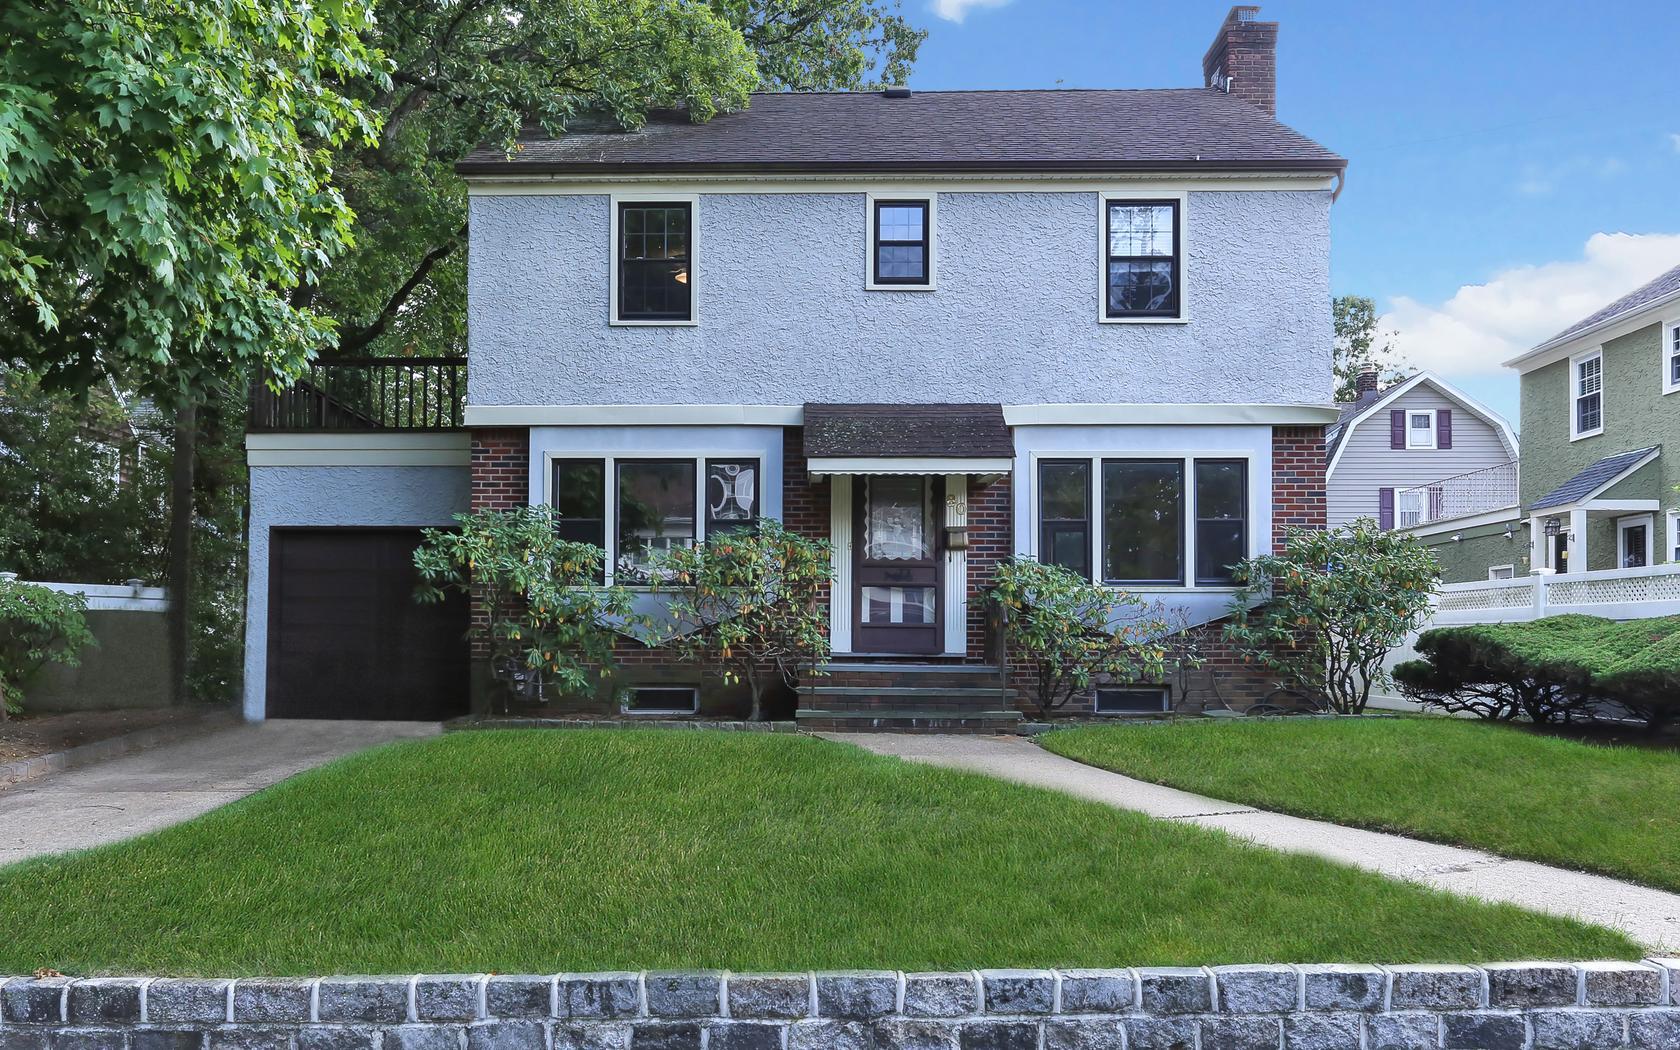 Einfamilienhaus für Verkauf beim Colonial 80 Wright Ave Malverne, New York, 11565 Vereinigte Staaten